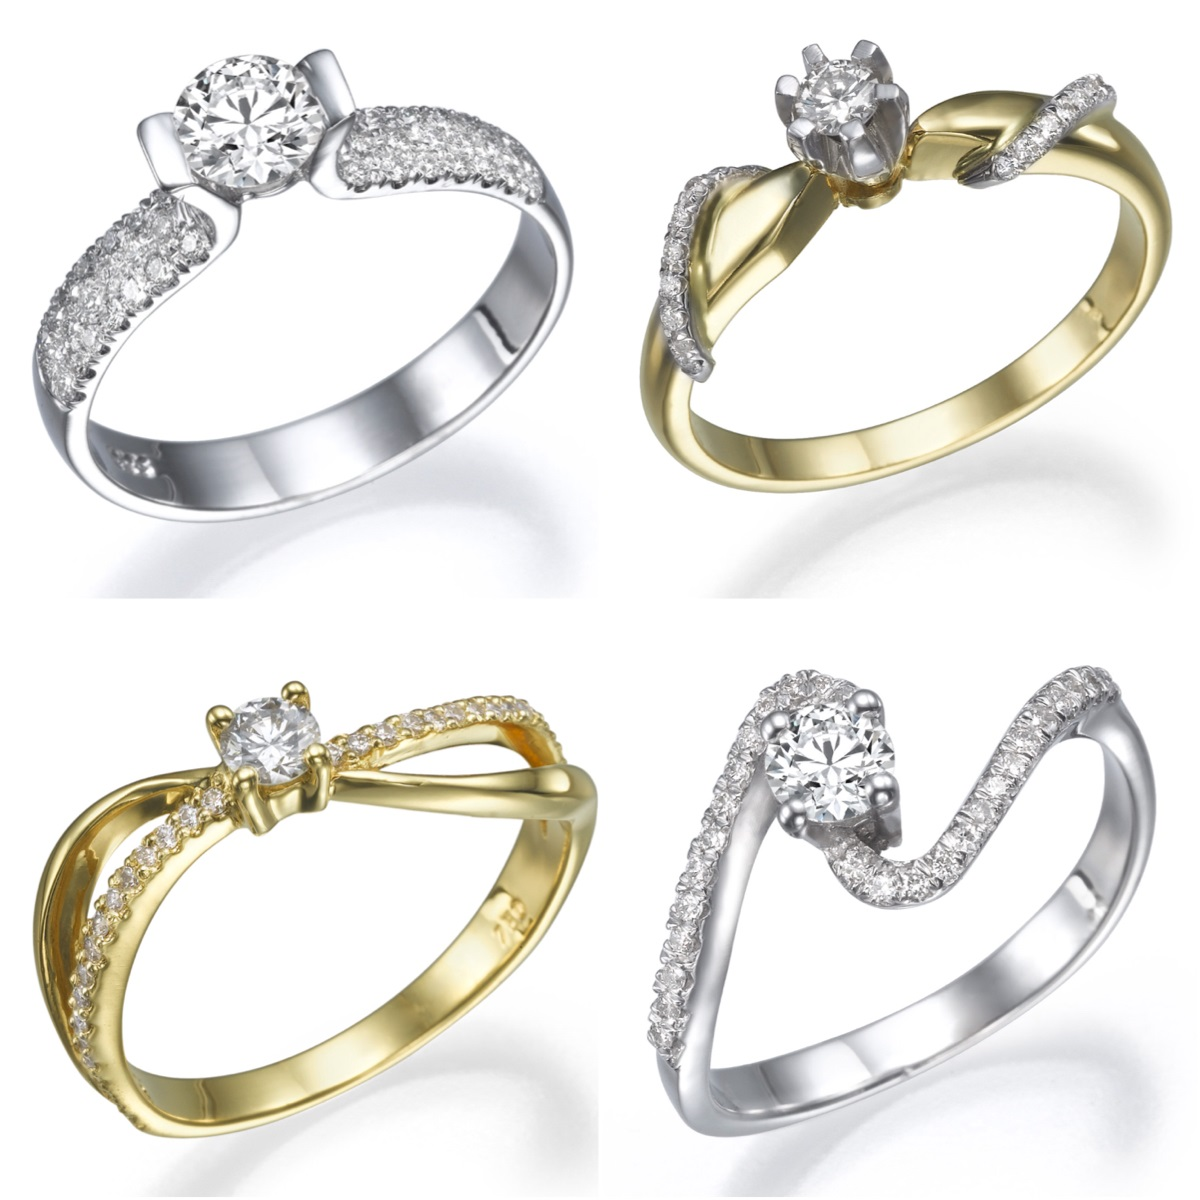 История одной помолвки: трендовые кольца с бриллиантами до 1000 шек. во всей сети Caprice и RDC